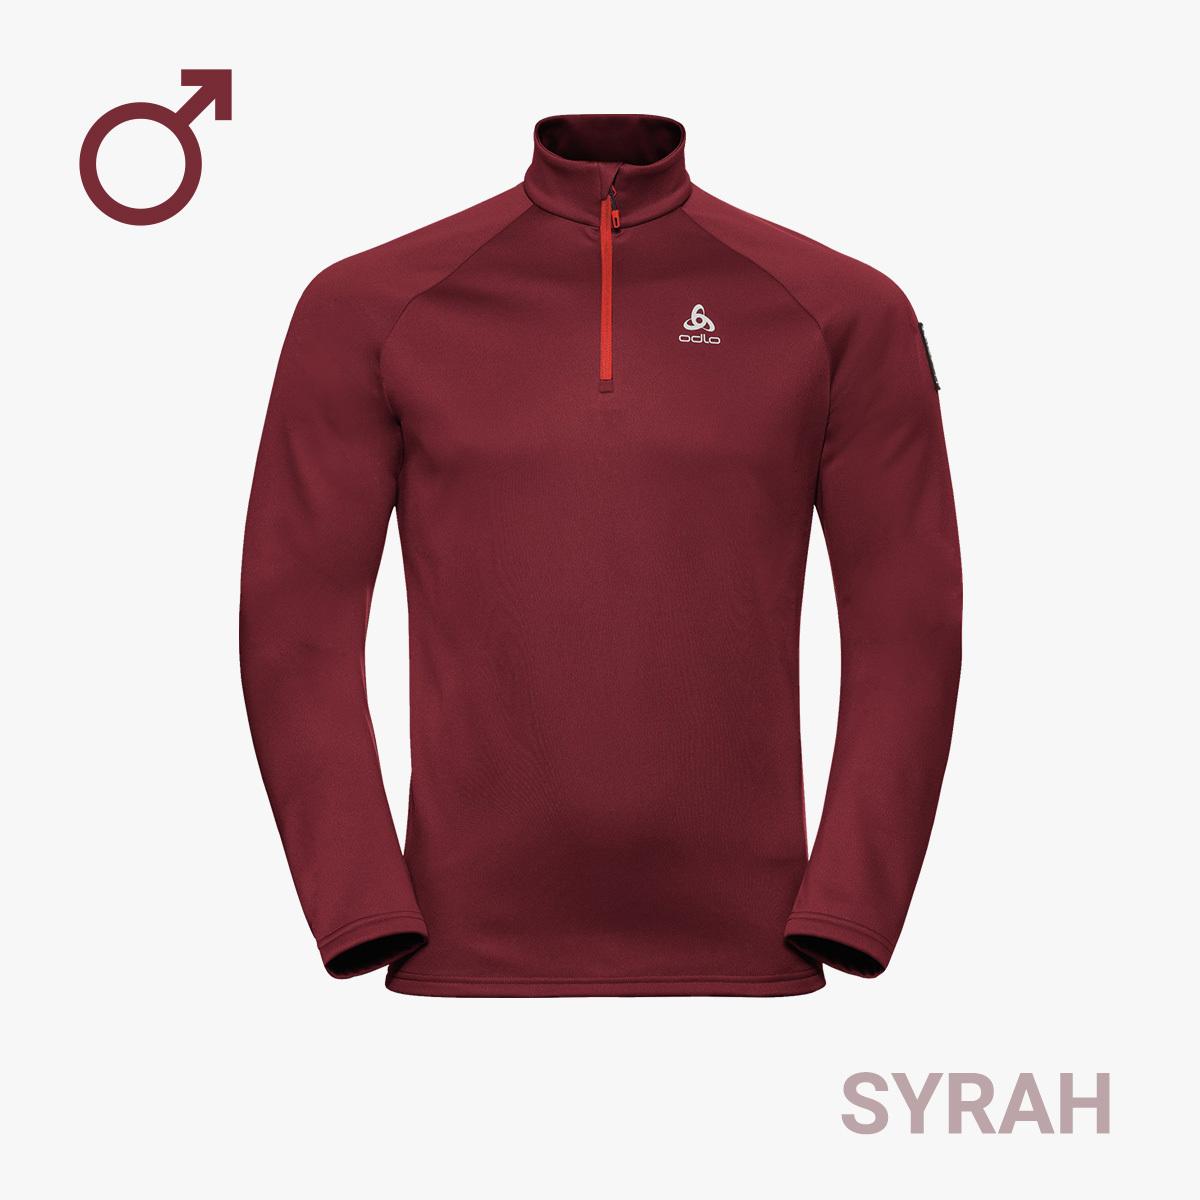 buy online 483e5 8953a galerie-h syrah.jpg